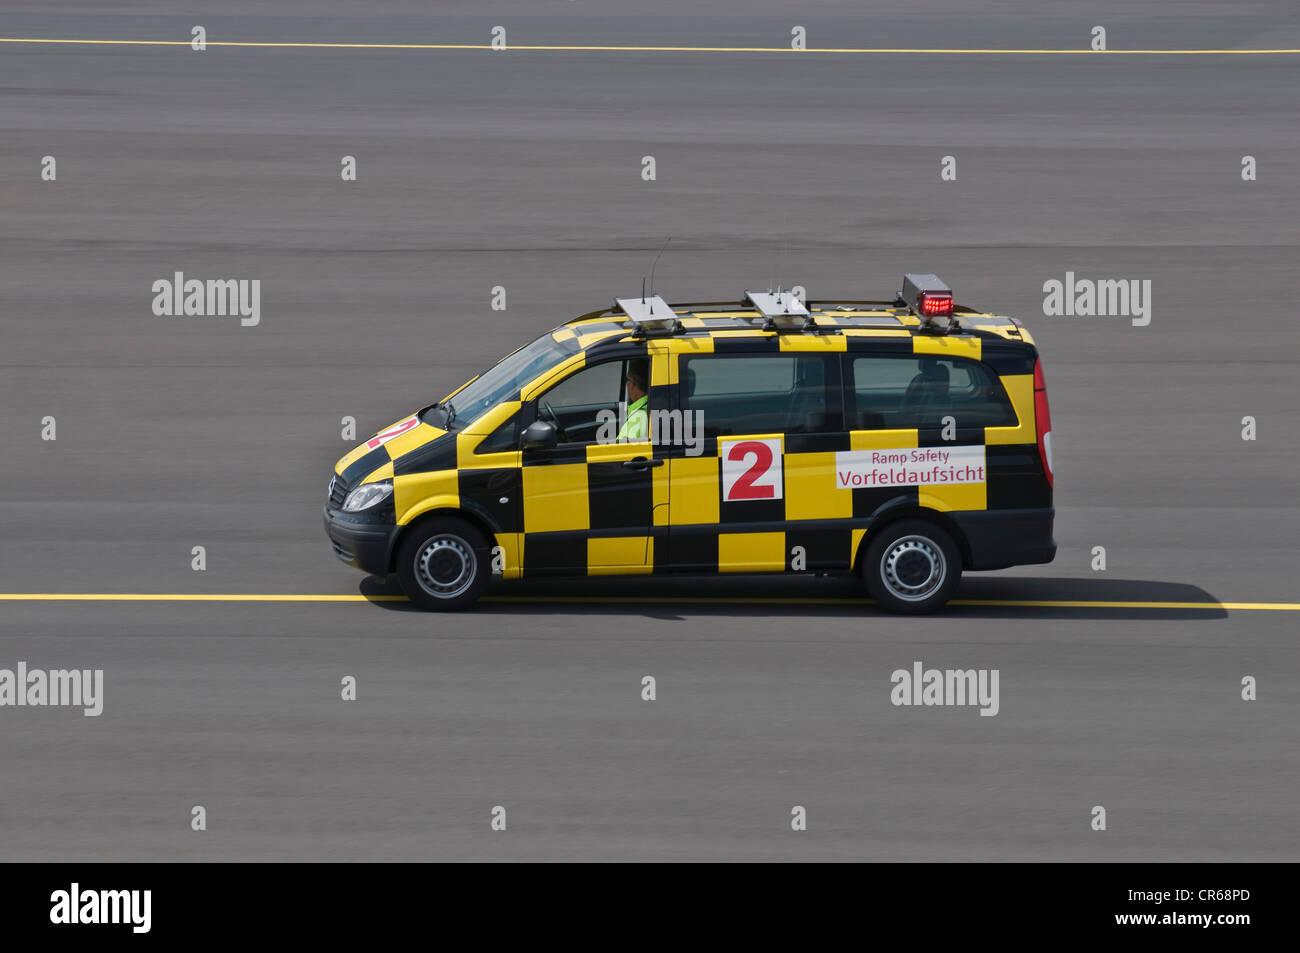 Fahrzeug von der Airport Authority, Flughafen Düsseldorf International, Düsseldorf, Nordrhein-Westfalen, Stockbild